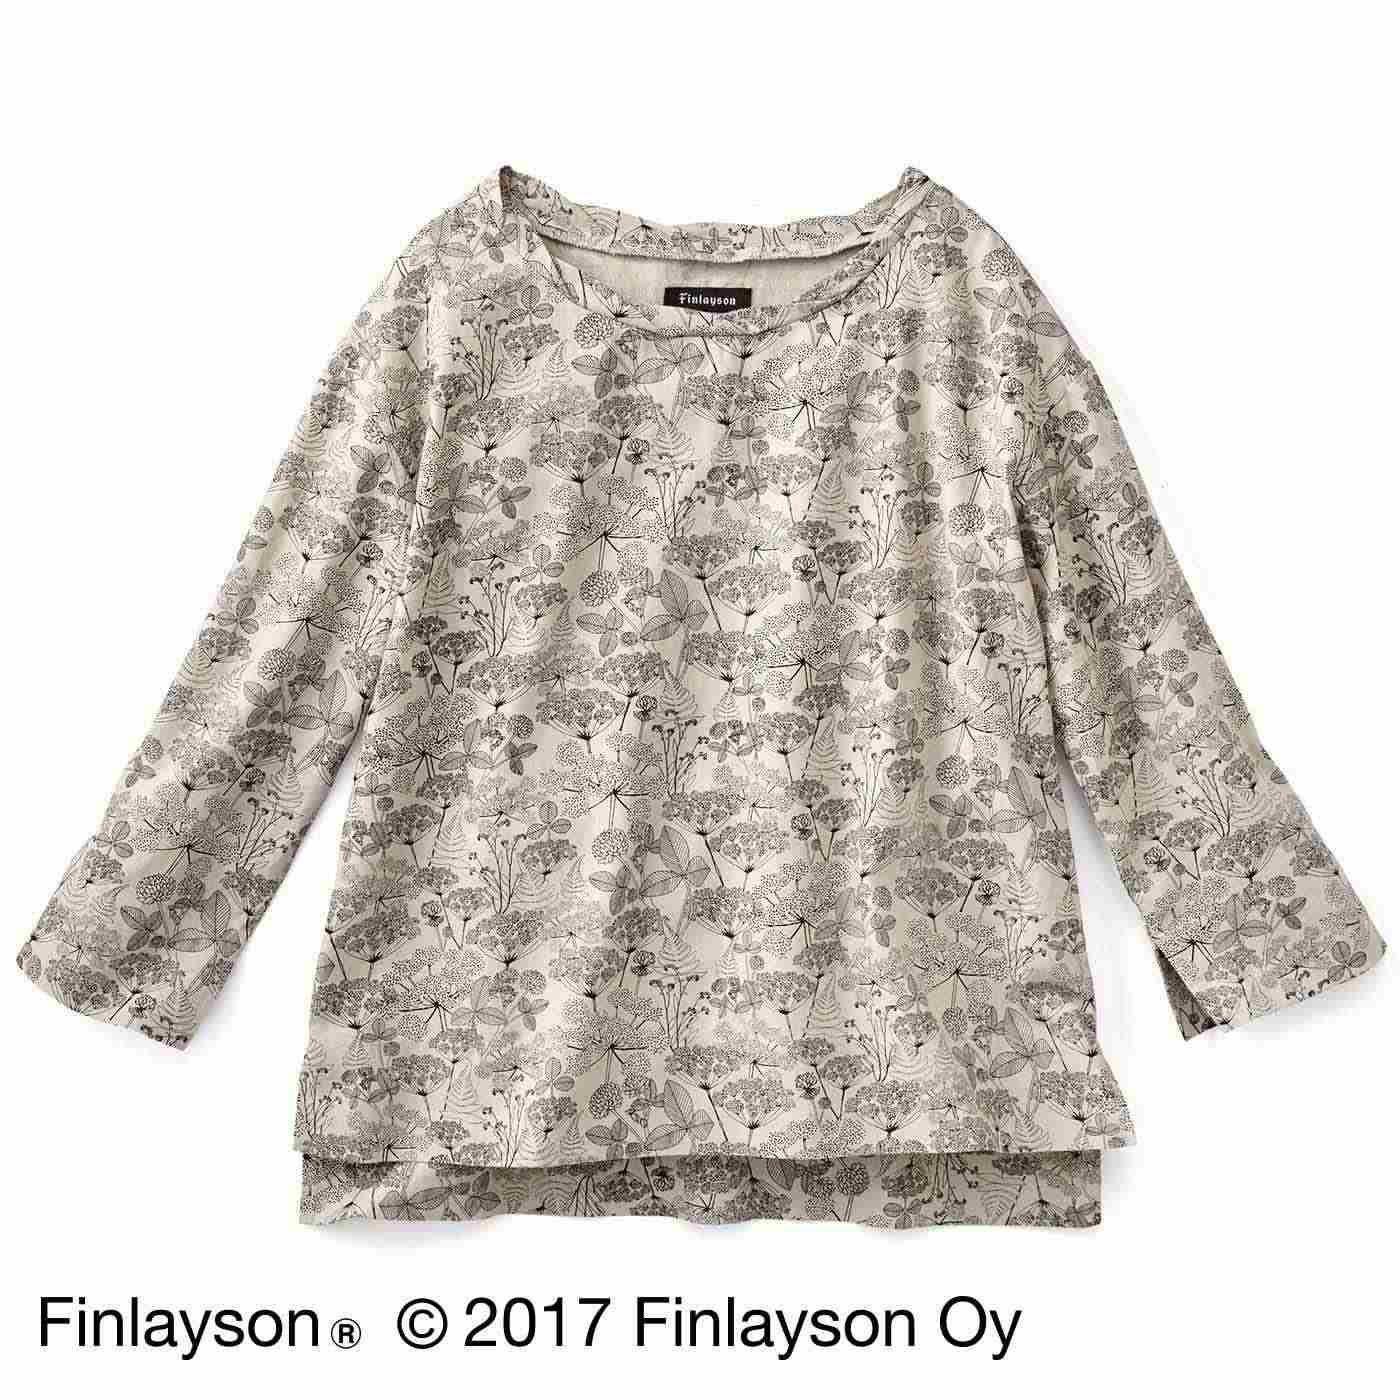 Finlayson フィンレイソン オトナカラーの麻混トップス〈ニッティポルク〉